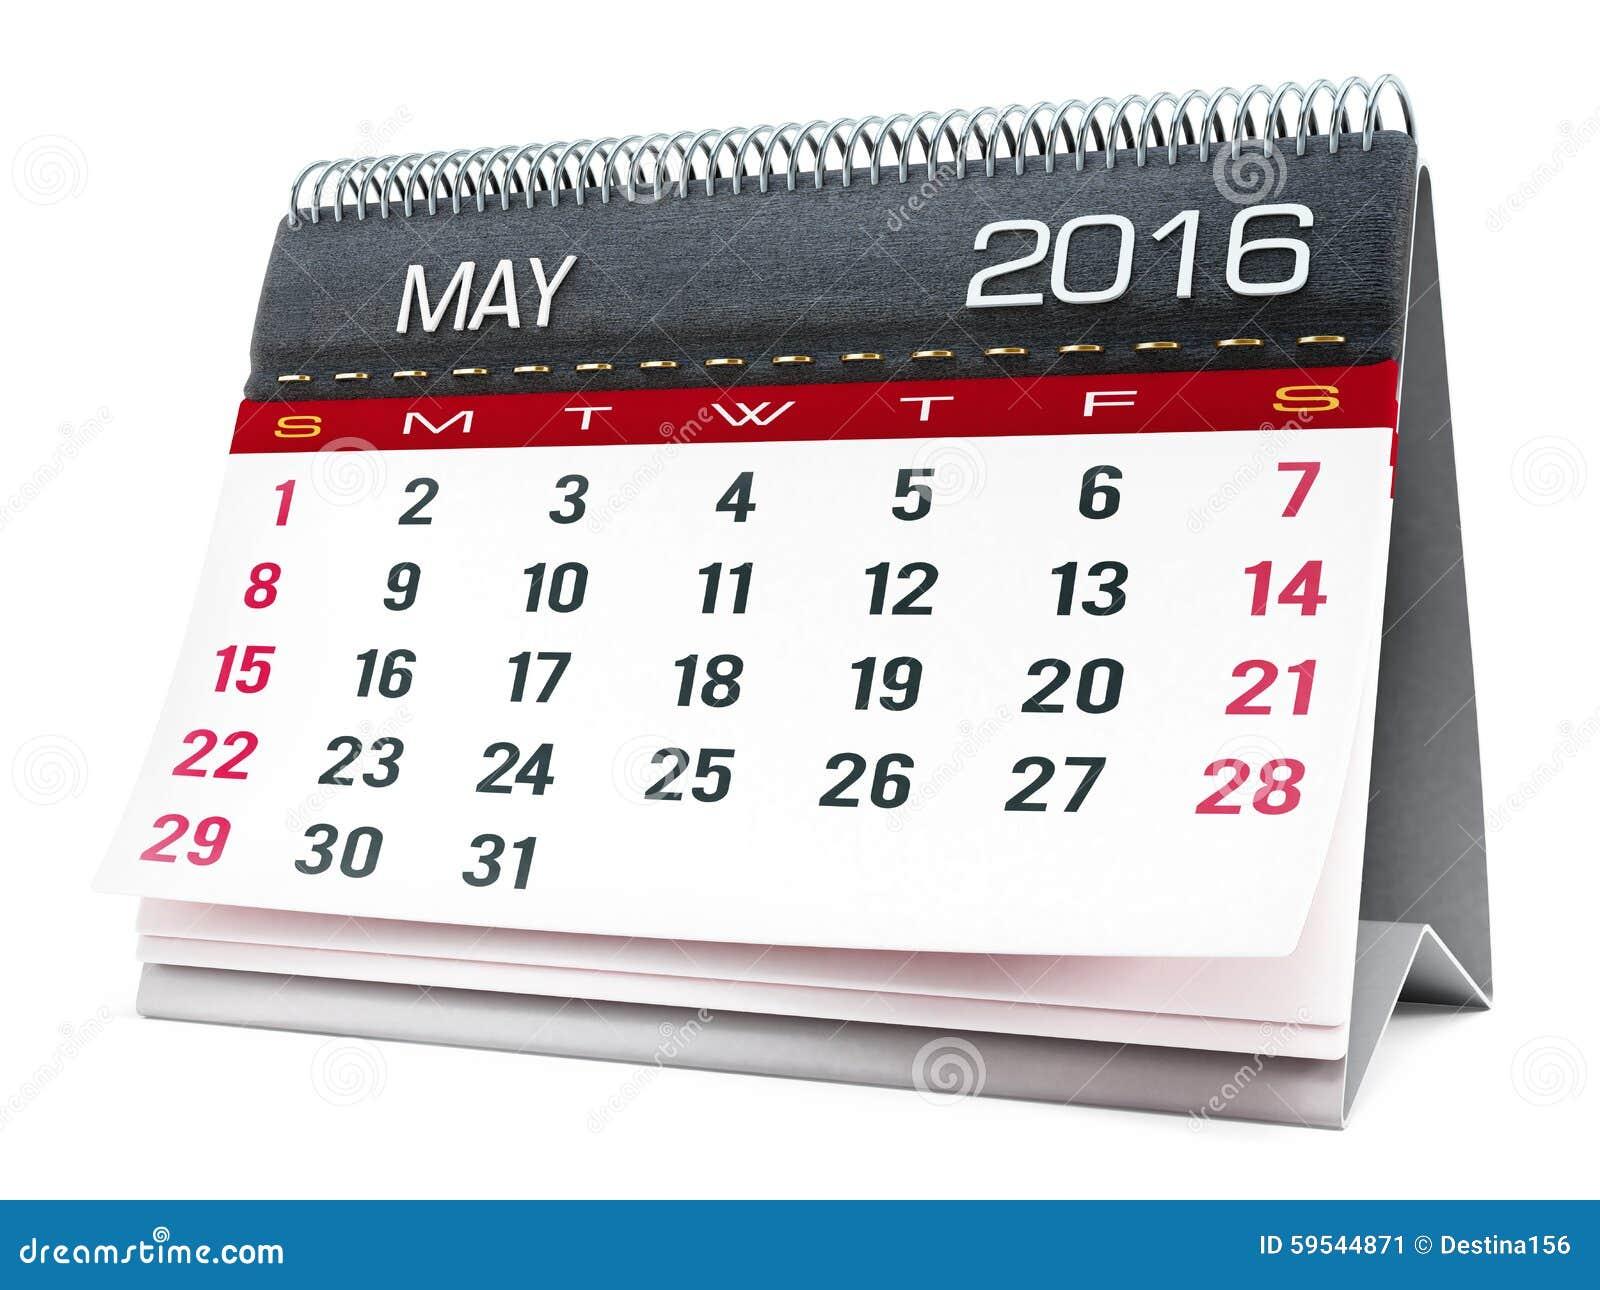 mai 2016 calendrier de bureau illustration stock image 59544871. Black Bedroom Furniture Sets. Home Design Ideas